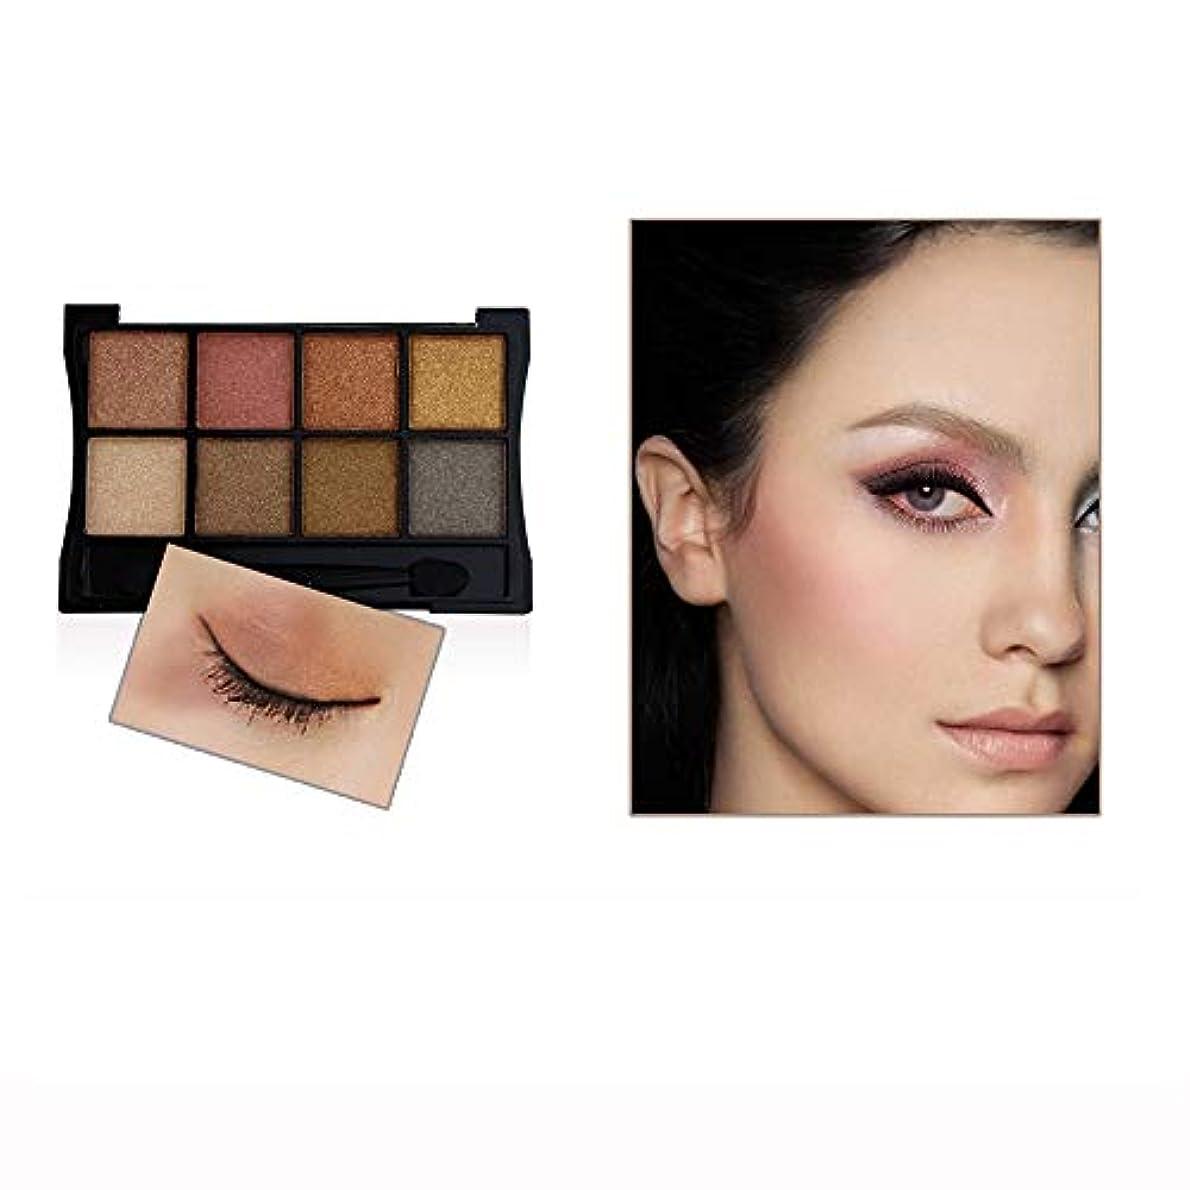 一般服を片付ける反応するAkane アイシャドウパレット BOUB ファッション 魅力的 スモーキー 人気 綺麗 マット チャーム つや消し 長持ち おしゃれ 持ち便利 日常 仕事 Eye Shadow (8色)